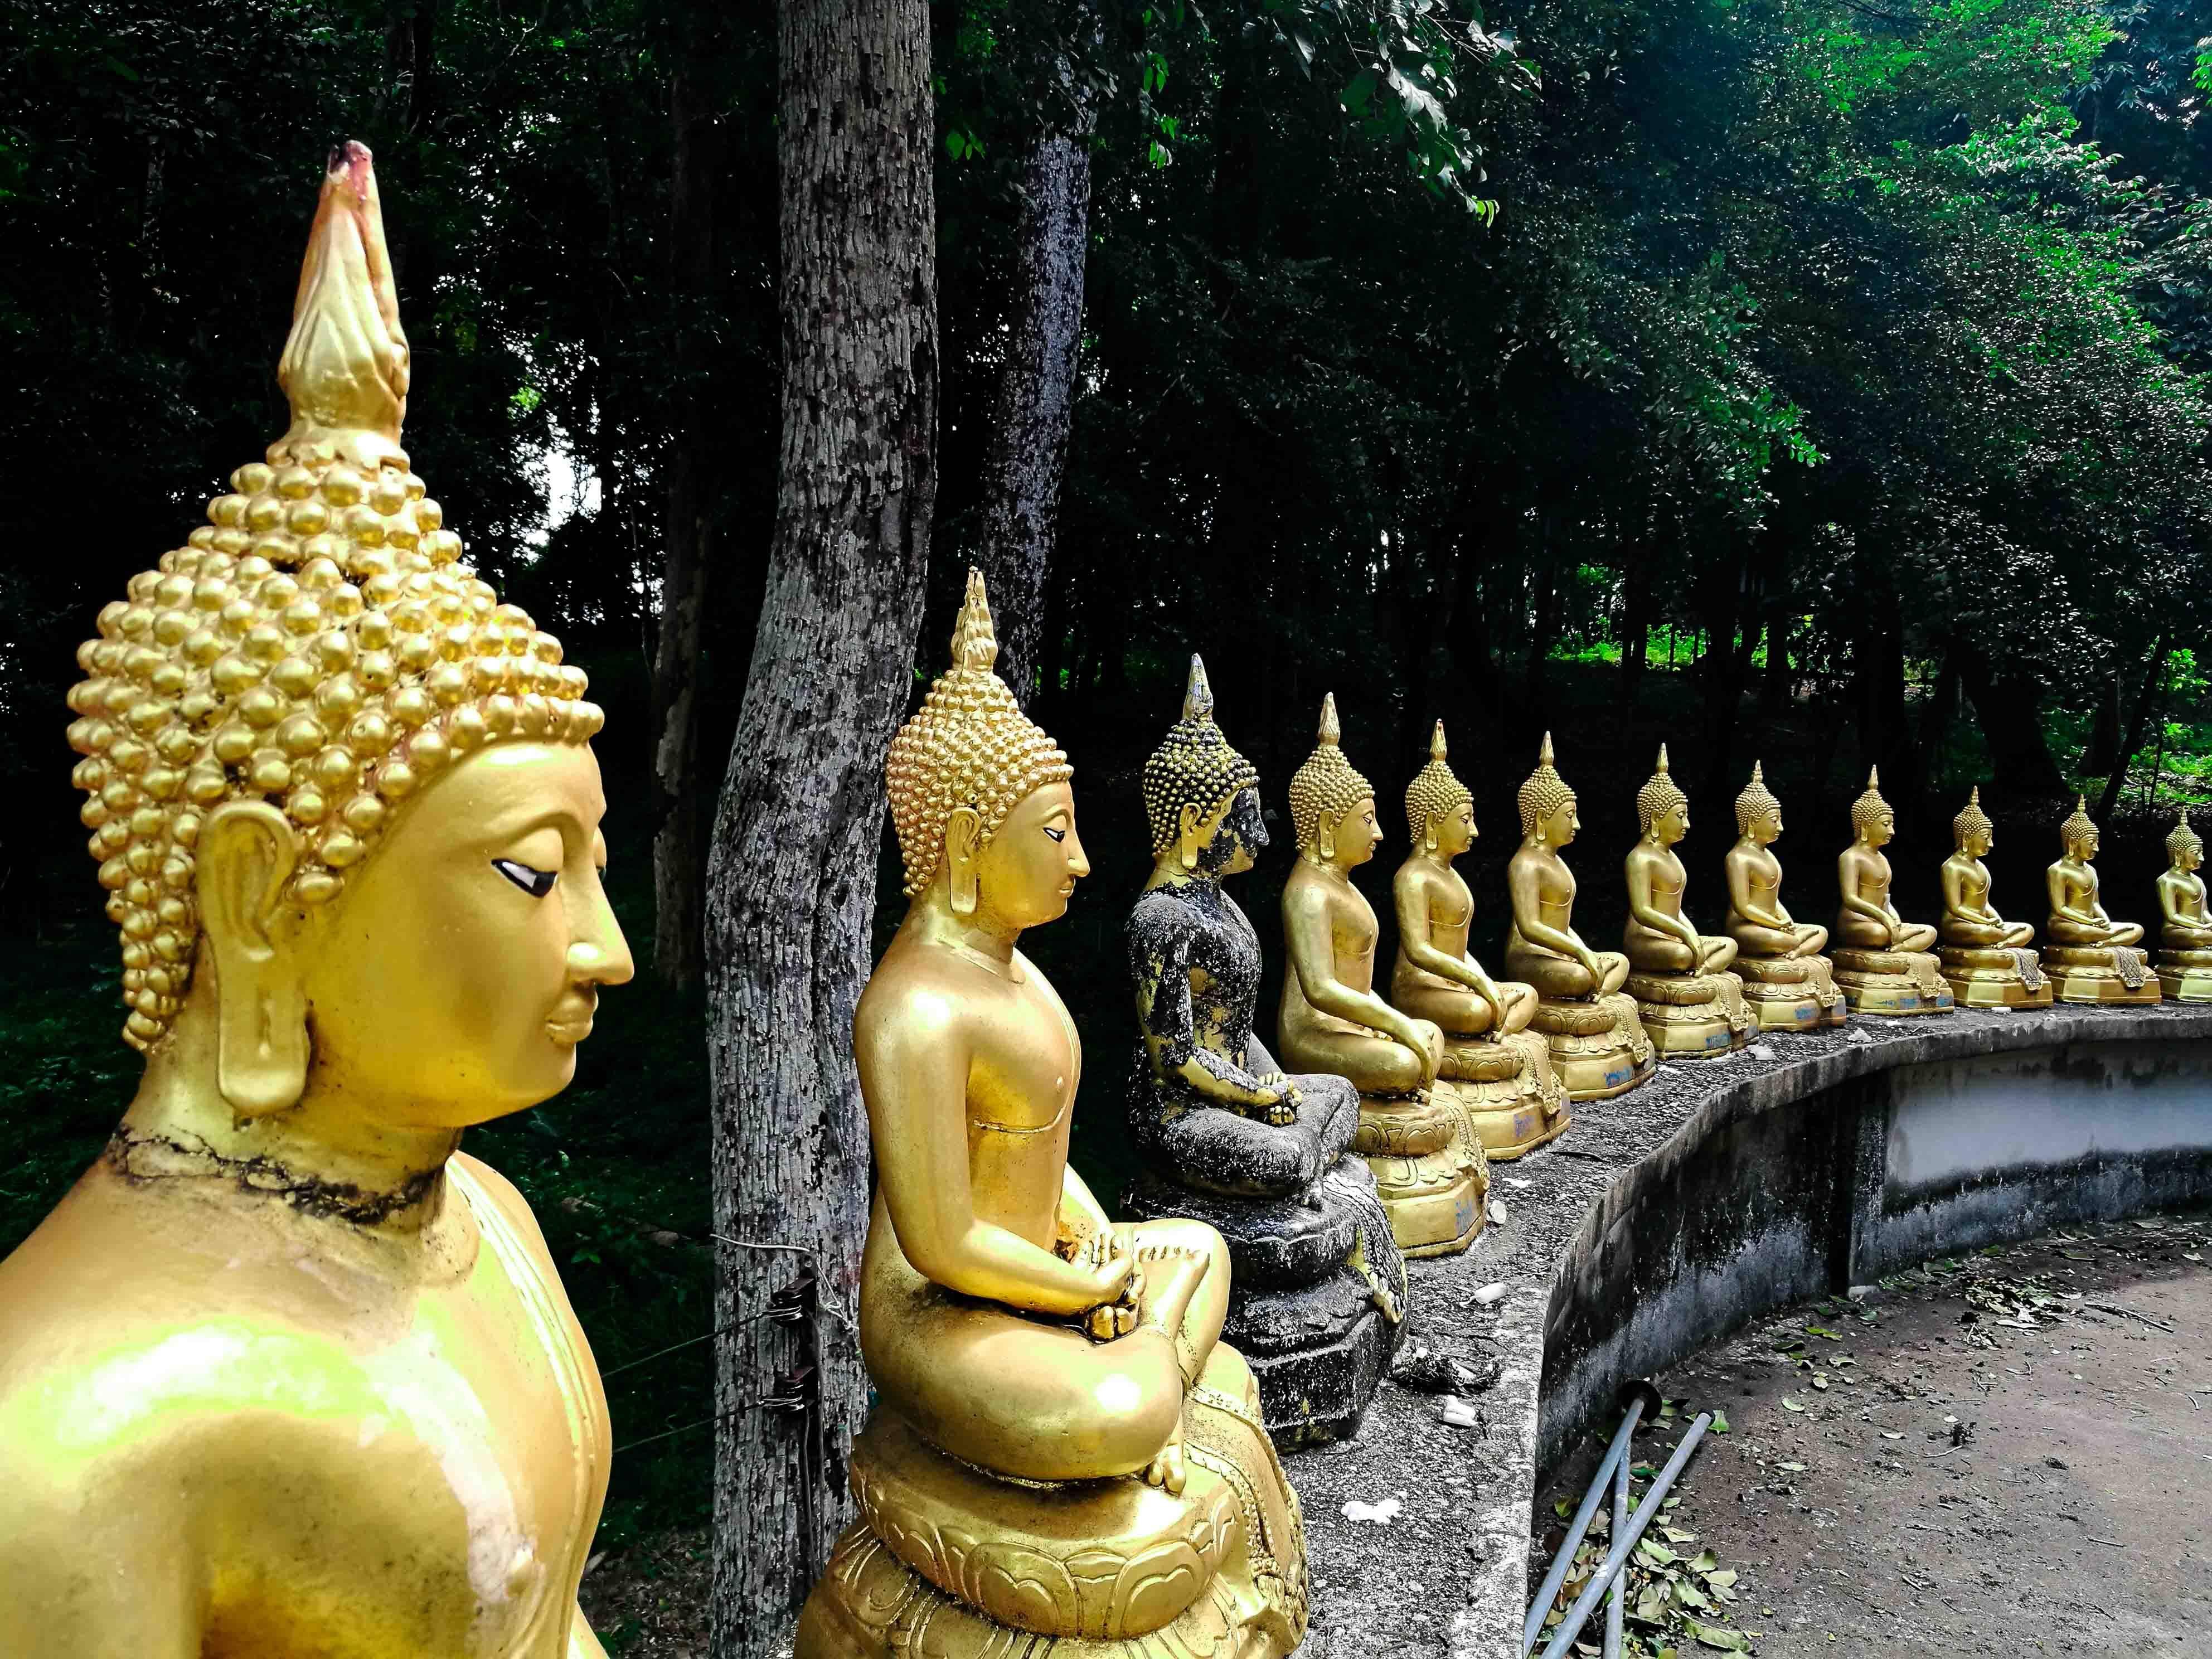 Imagens de Buda no alto do templo budista em Koh Phayam